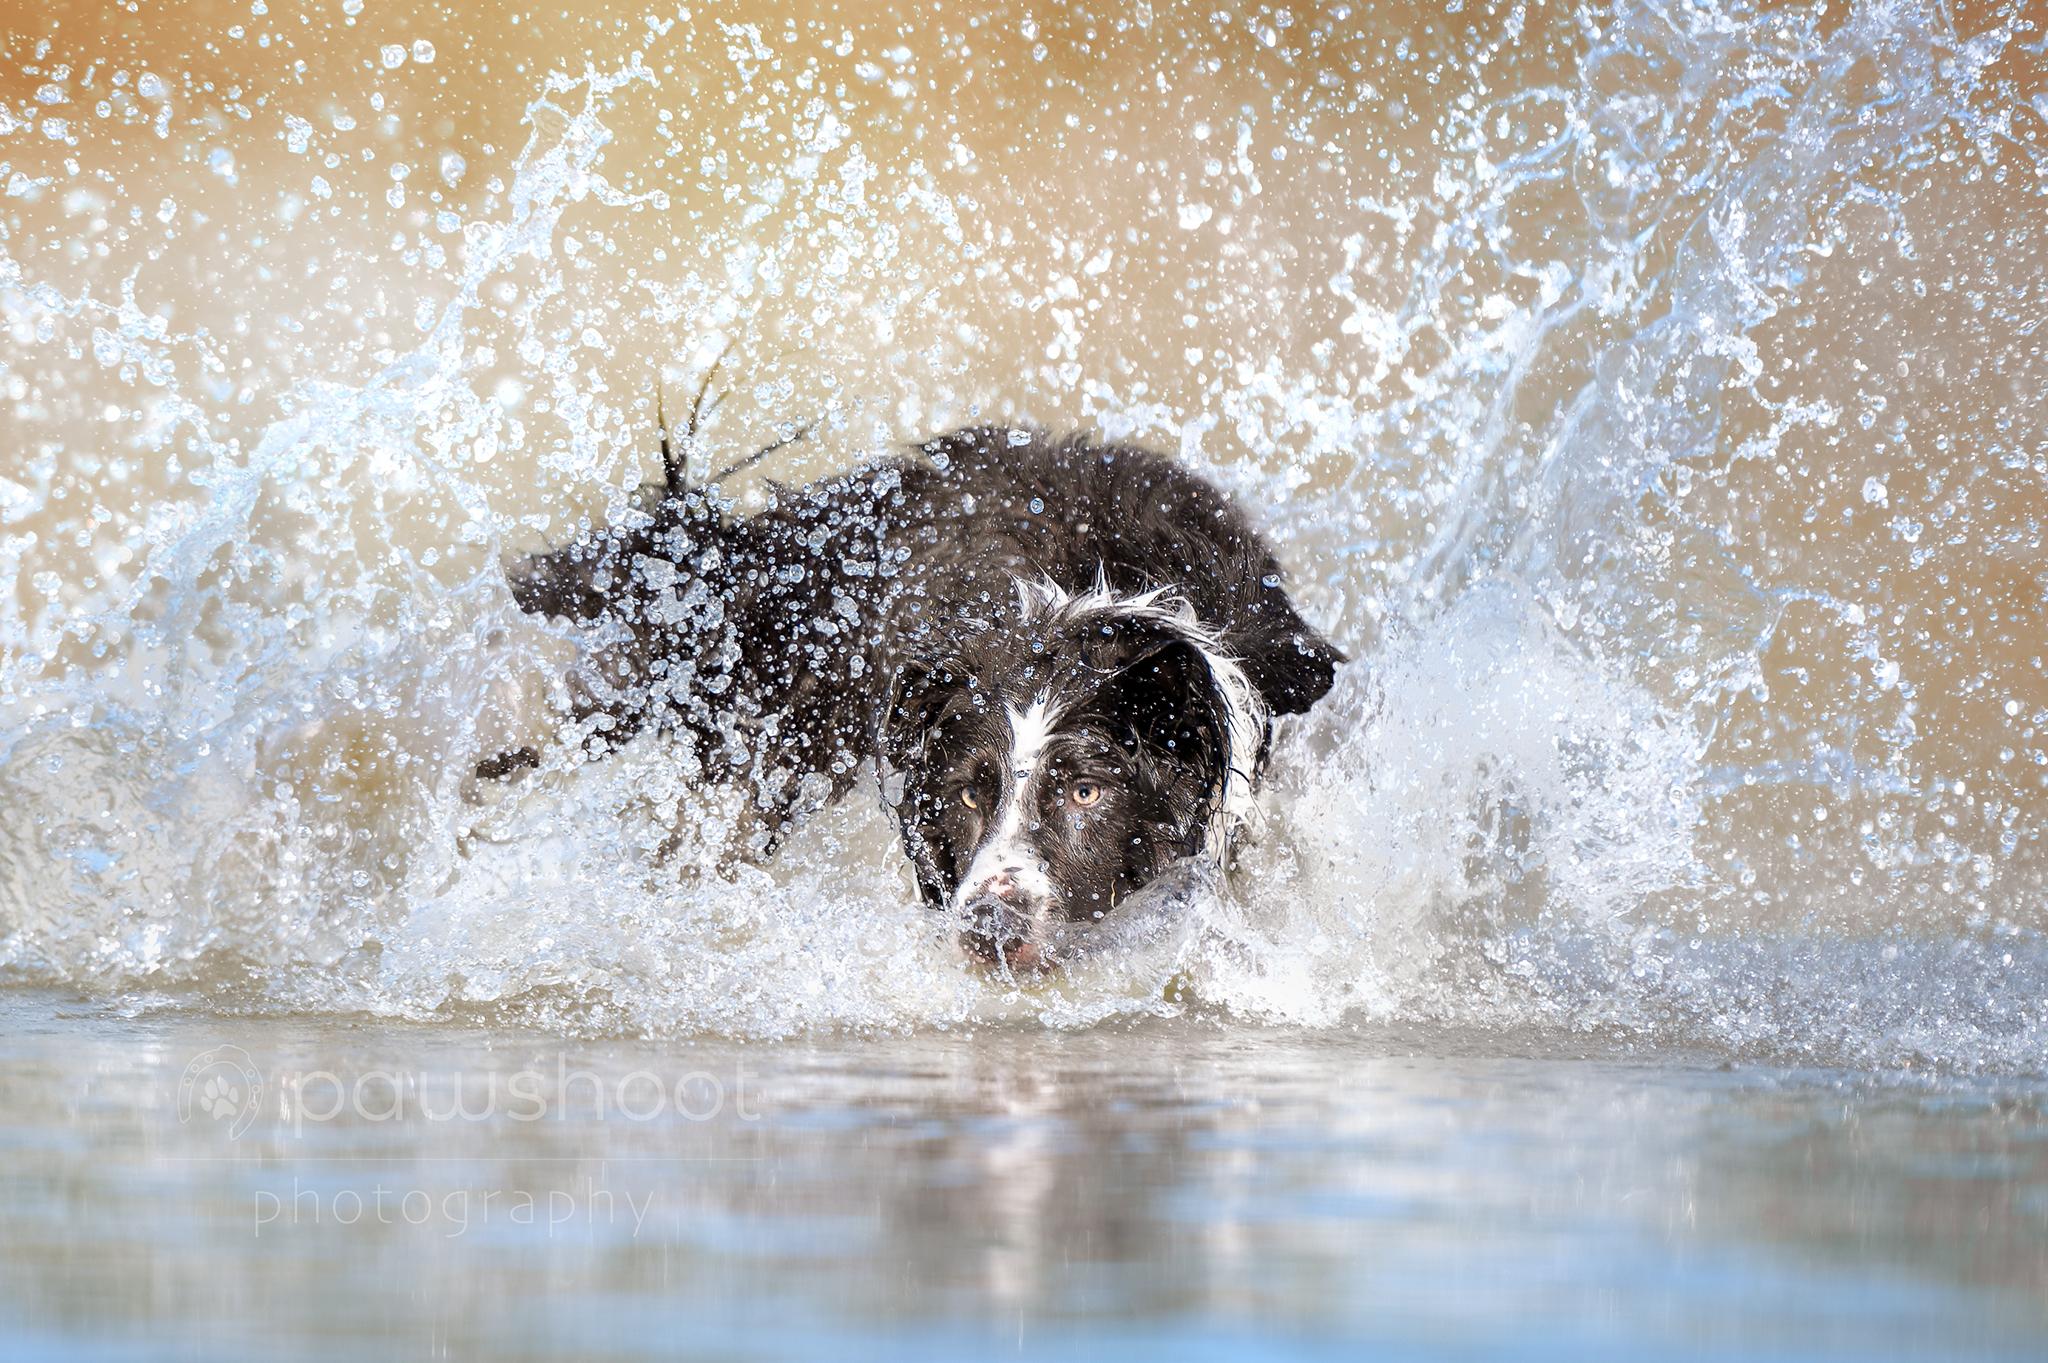 wateractie hond Pawshoot hondenfotografie